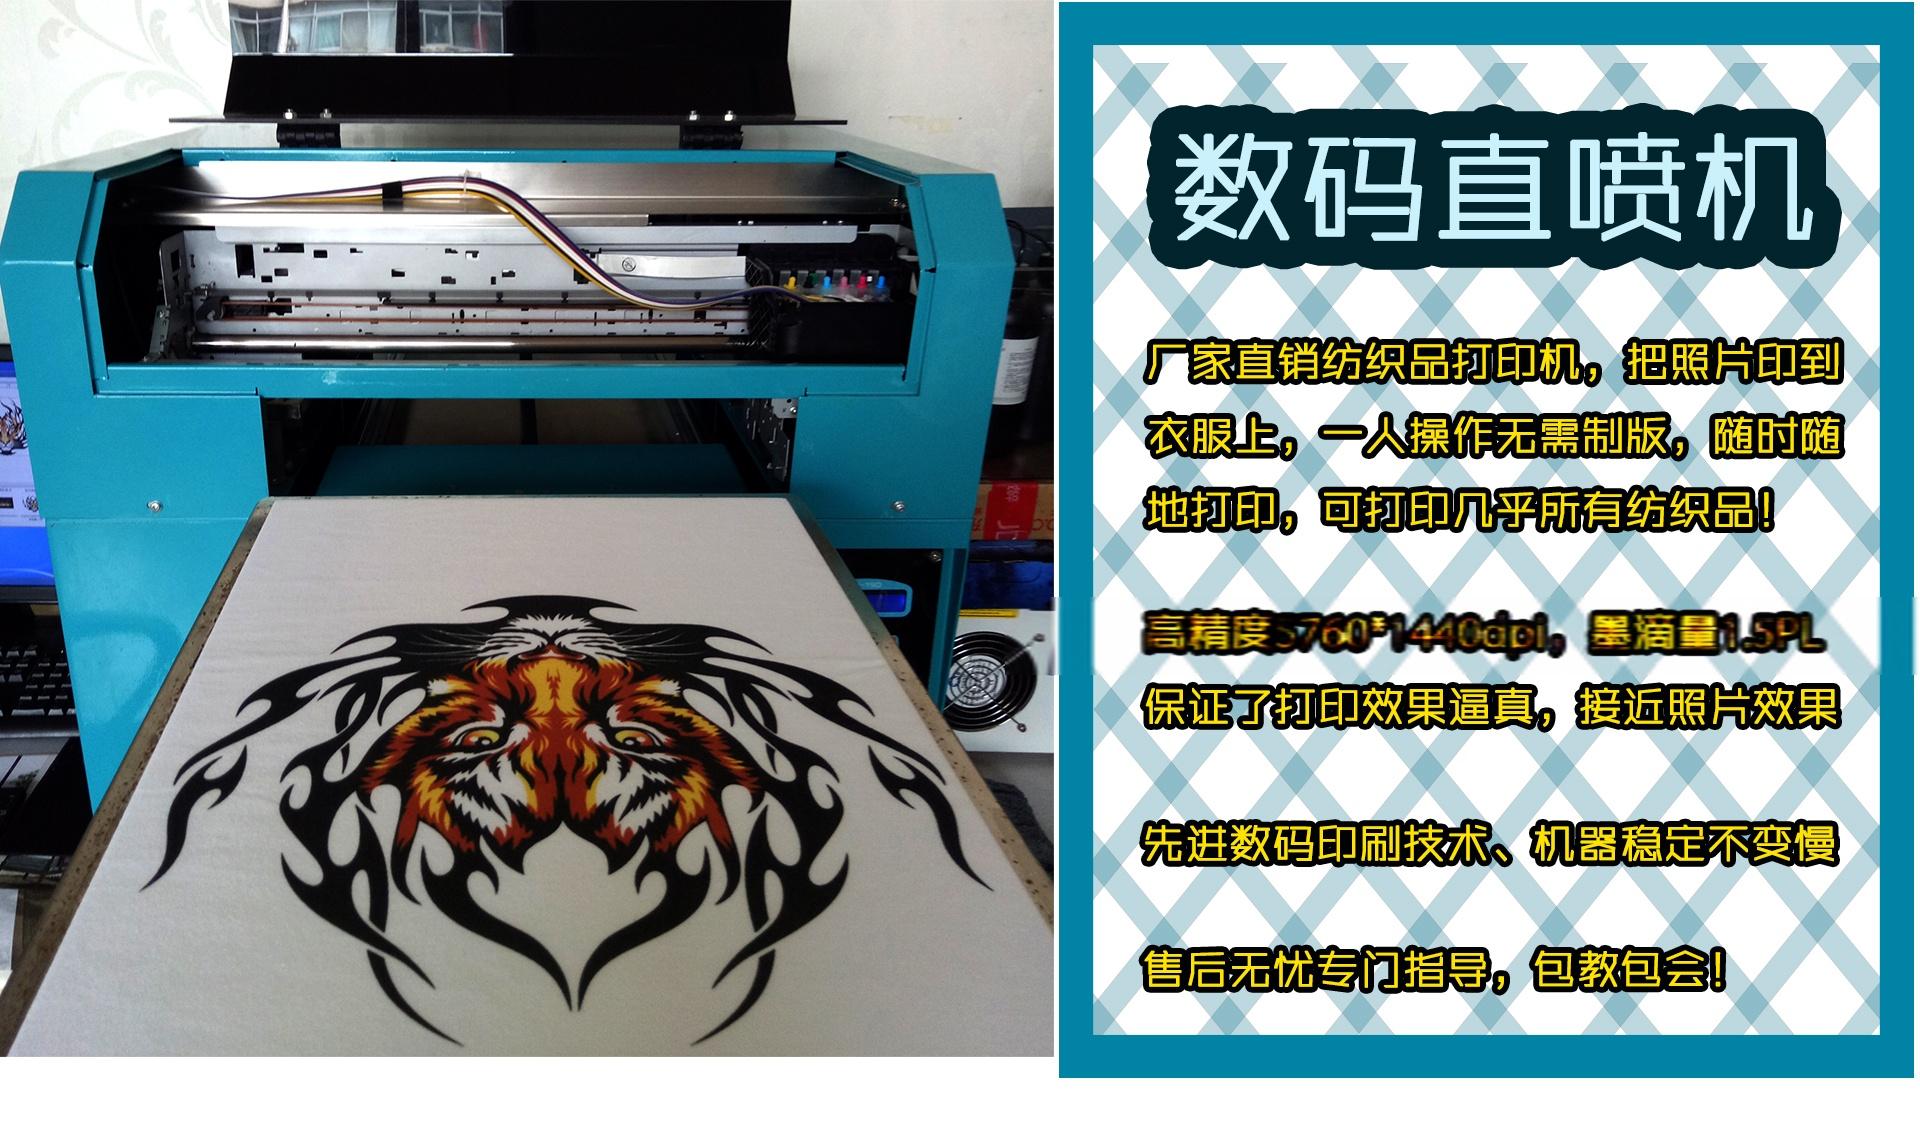 把照片打印在衣服上 定制t恤打印机 服装数码印花机 摆摊创业神器